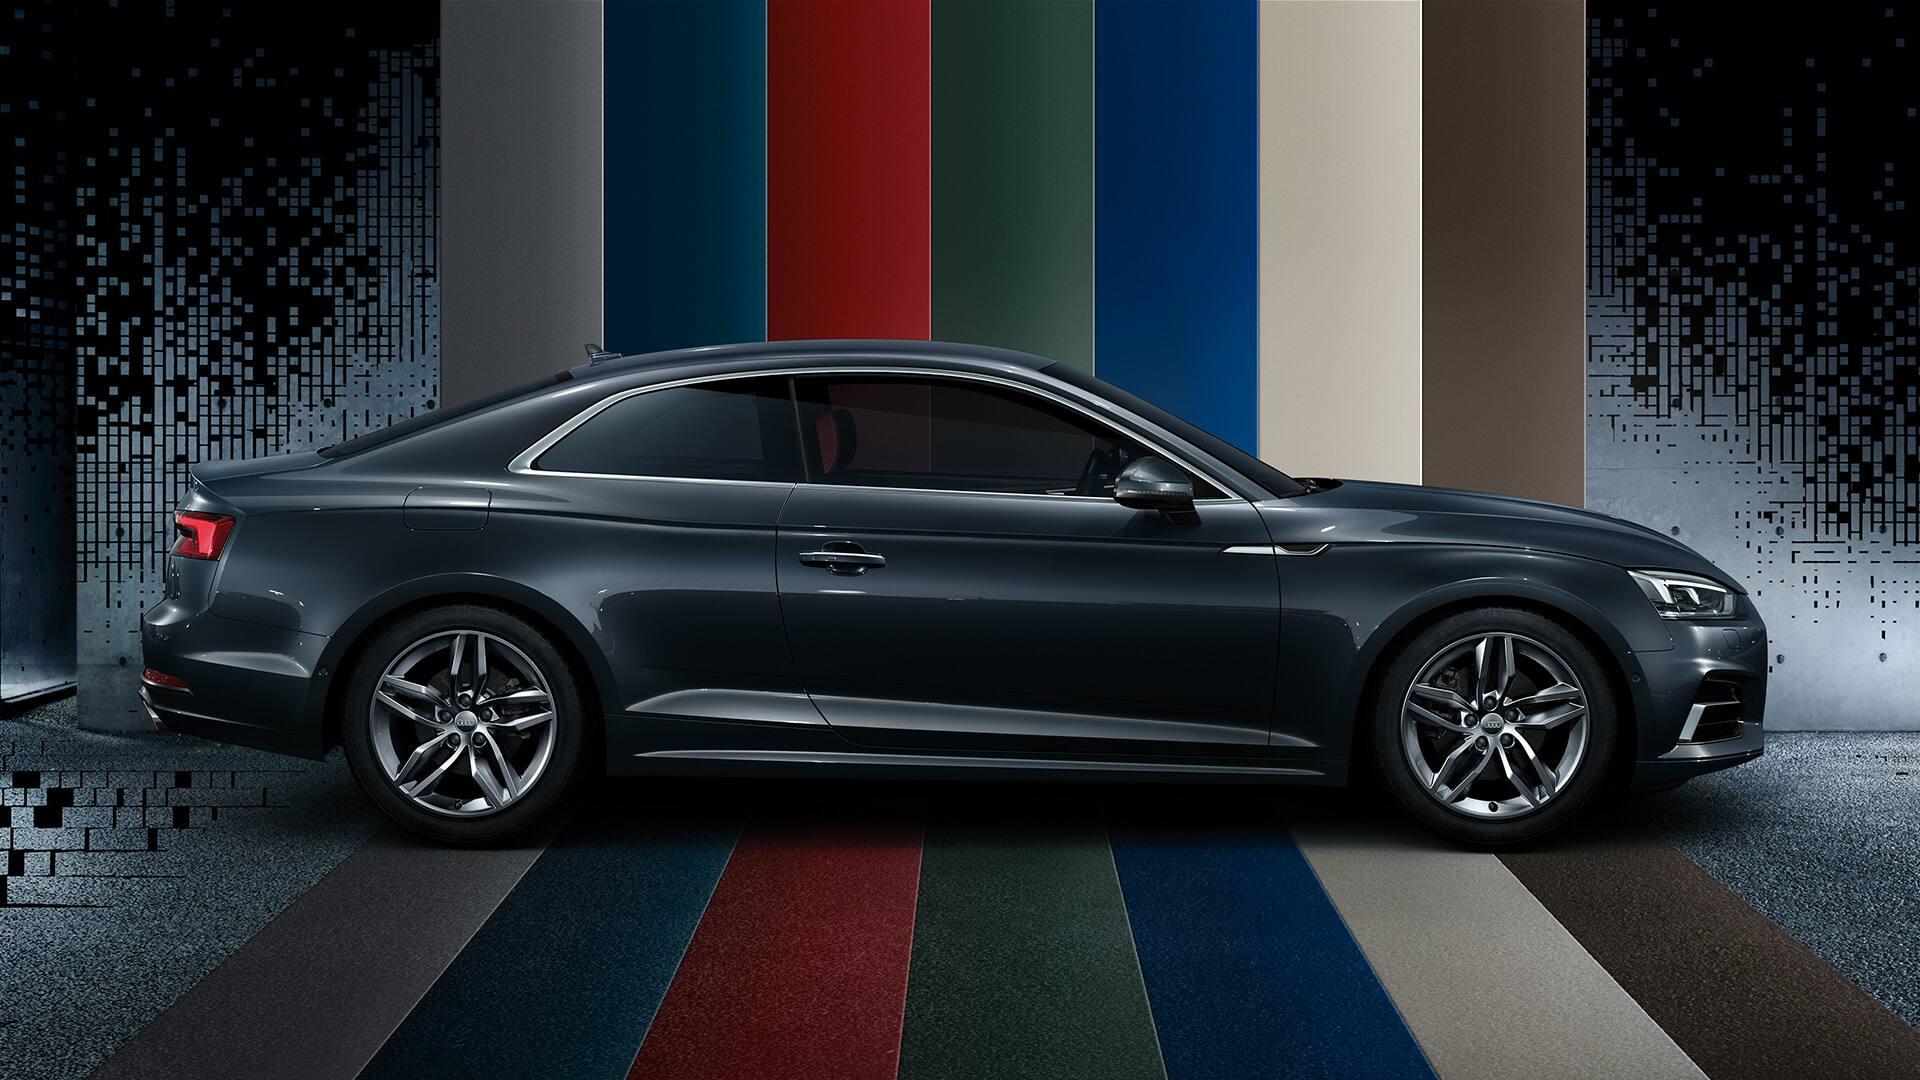 The New A Coupé A Audi Singapore - Audi 5